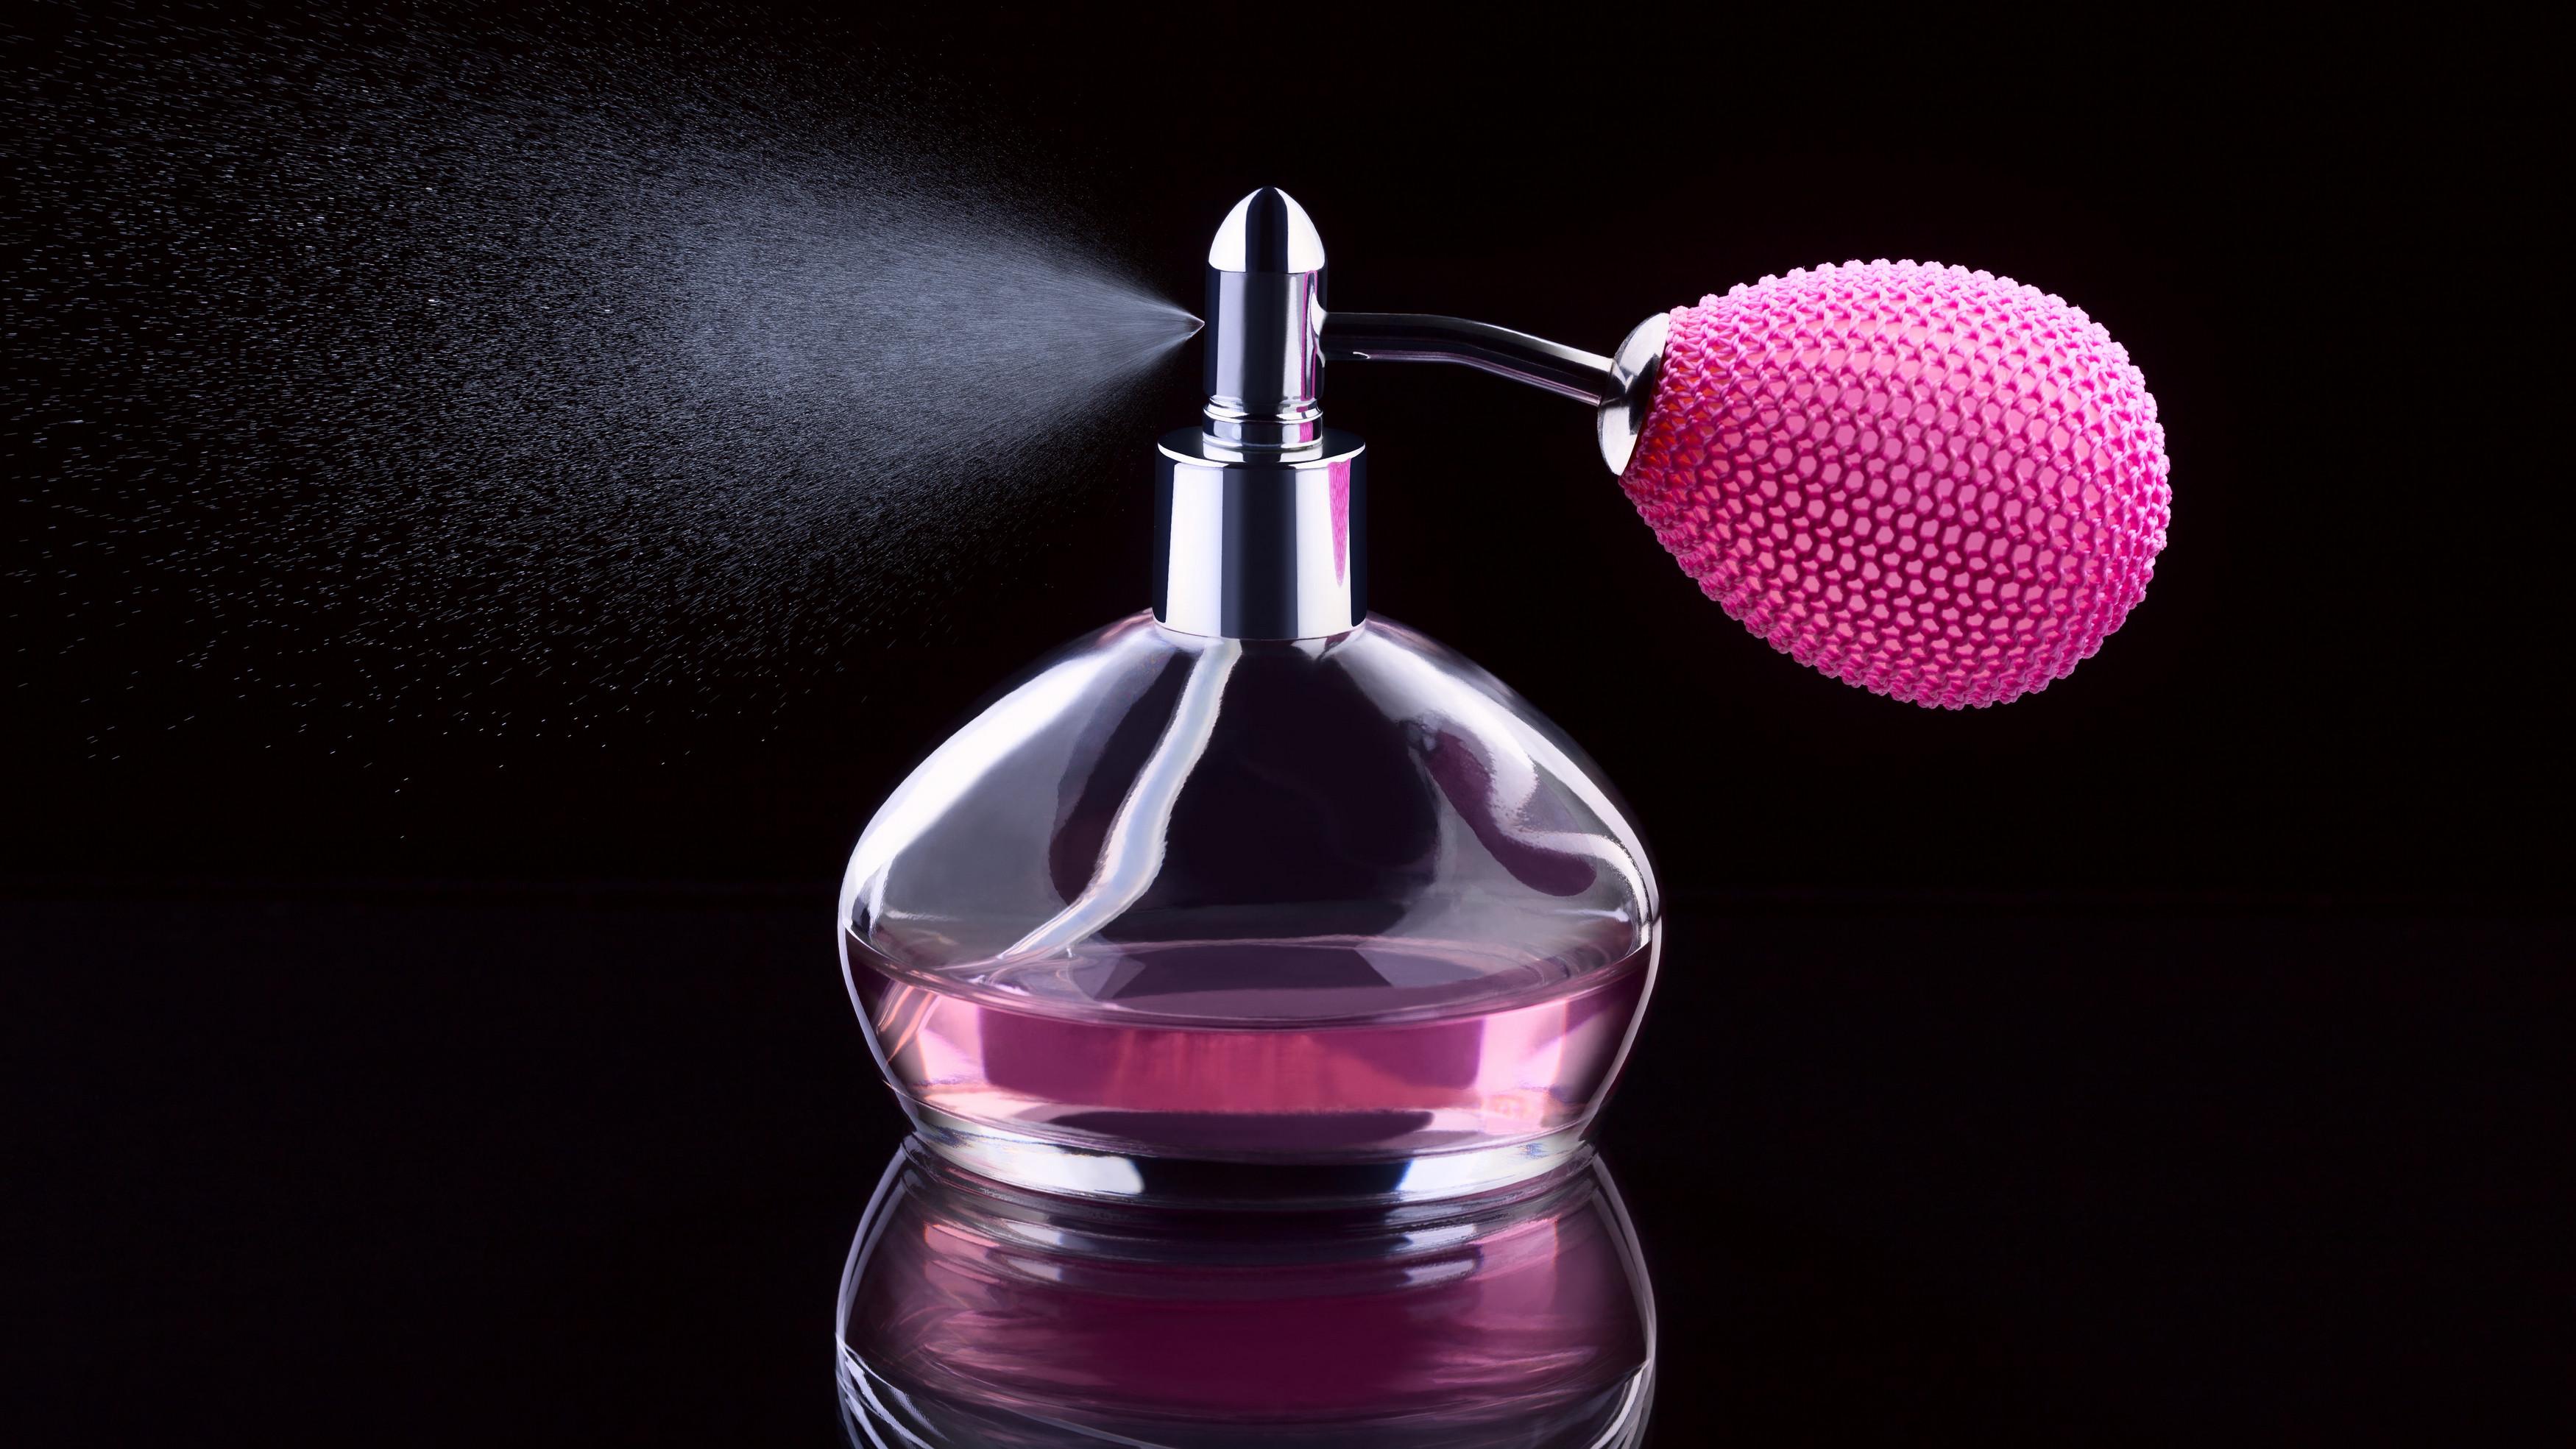 Perfume potion 4 full hd wallpaper and background image - Botellas para perfumes ...